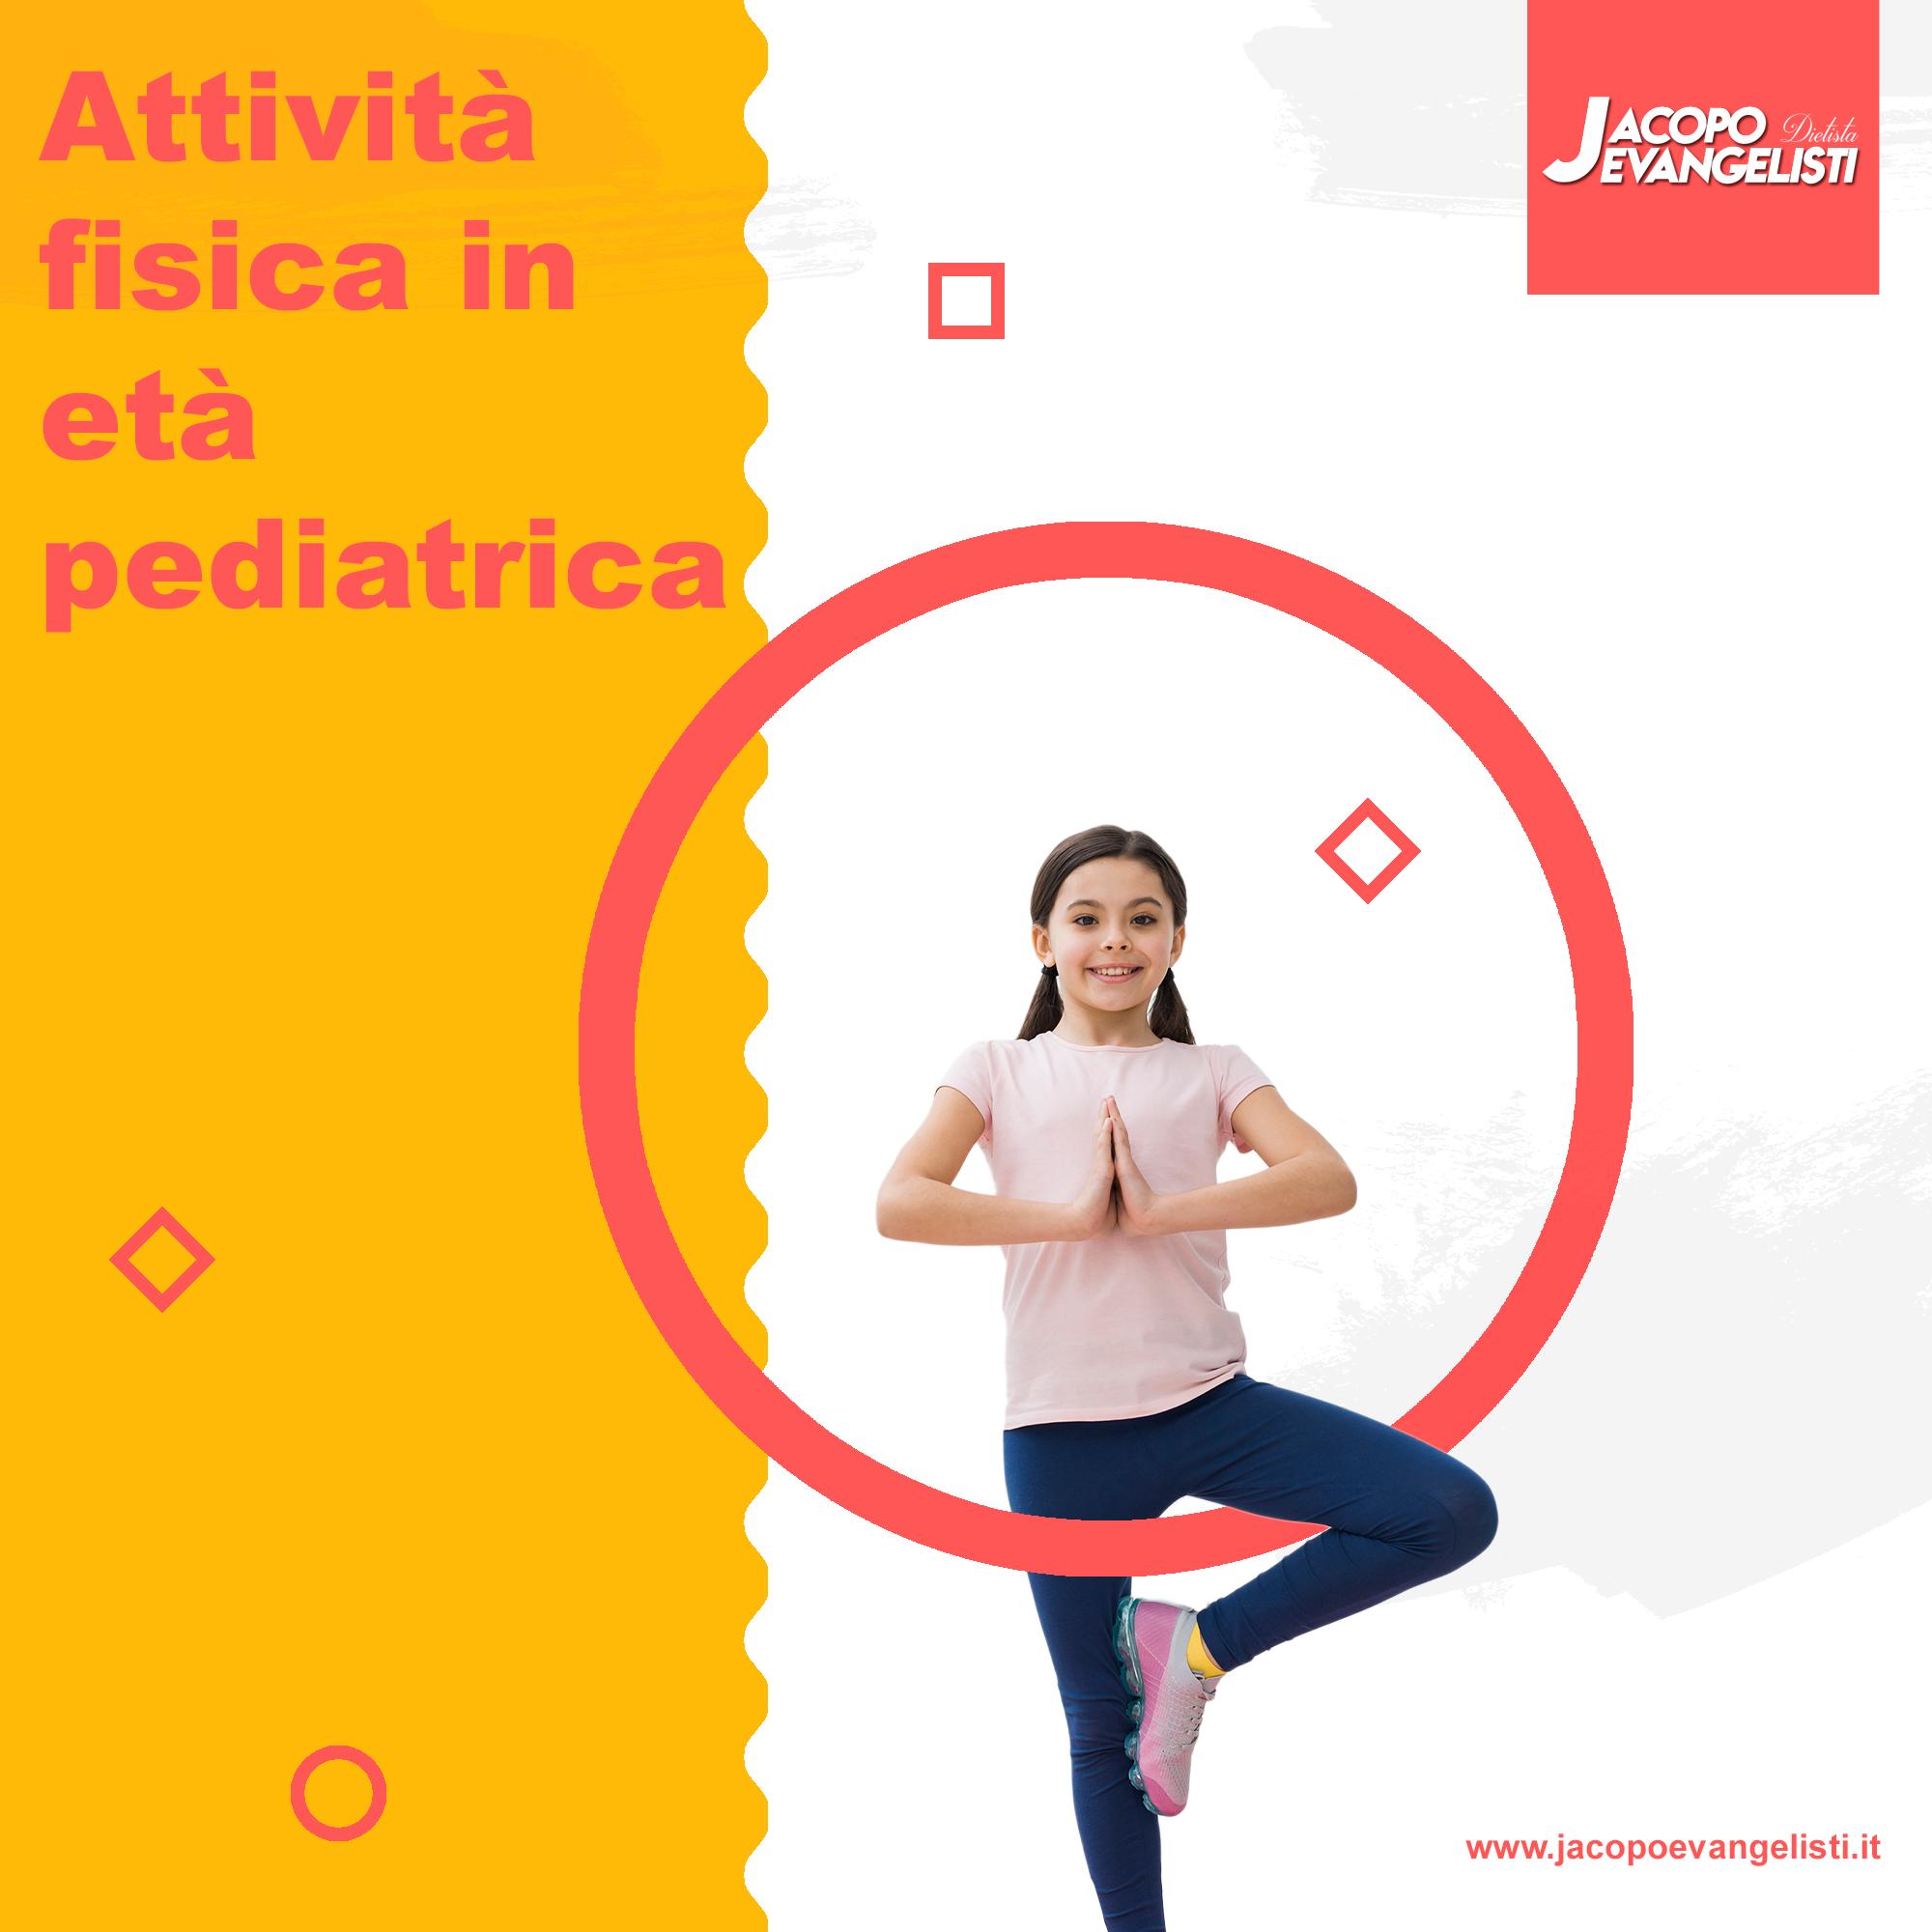 Attività fisica in età pediatrica